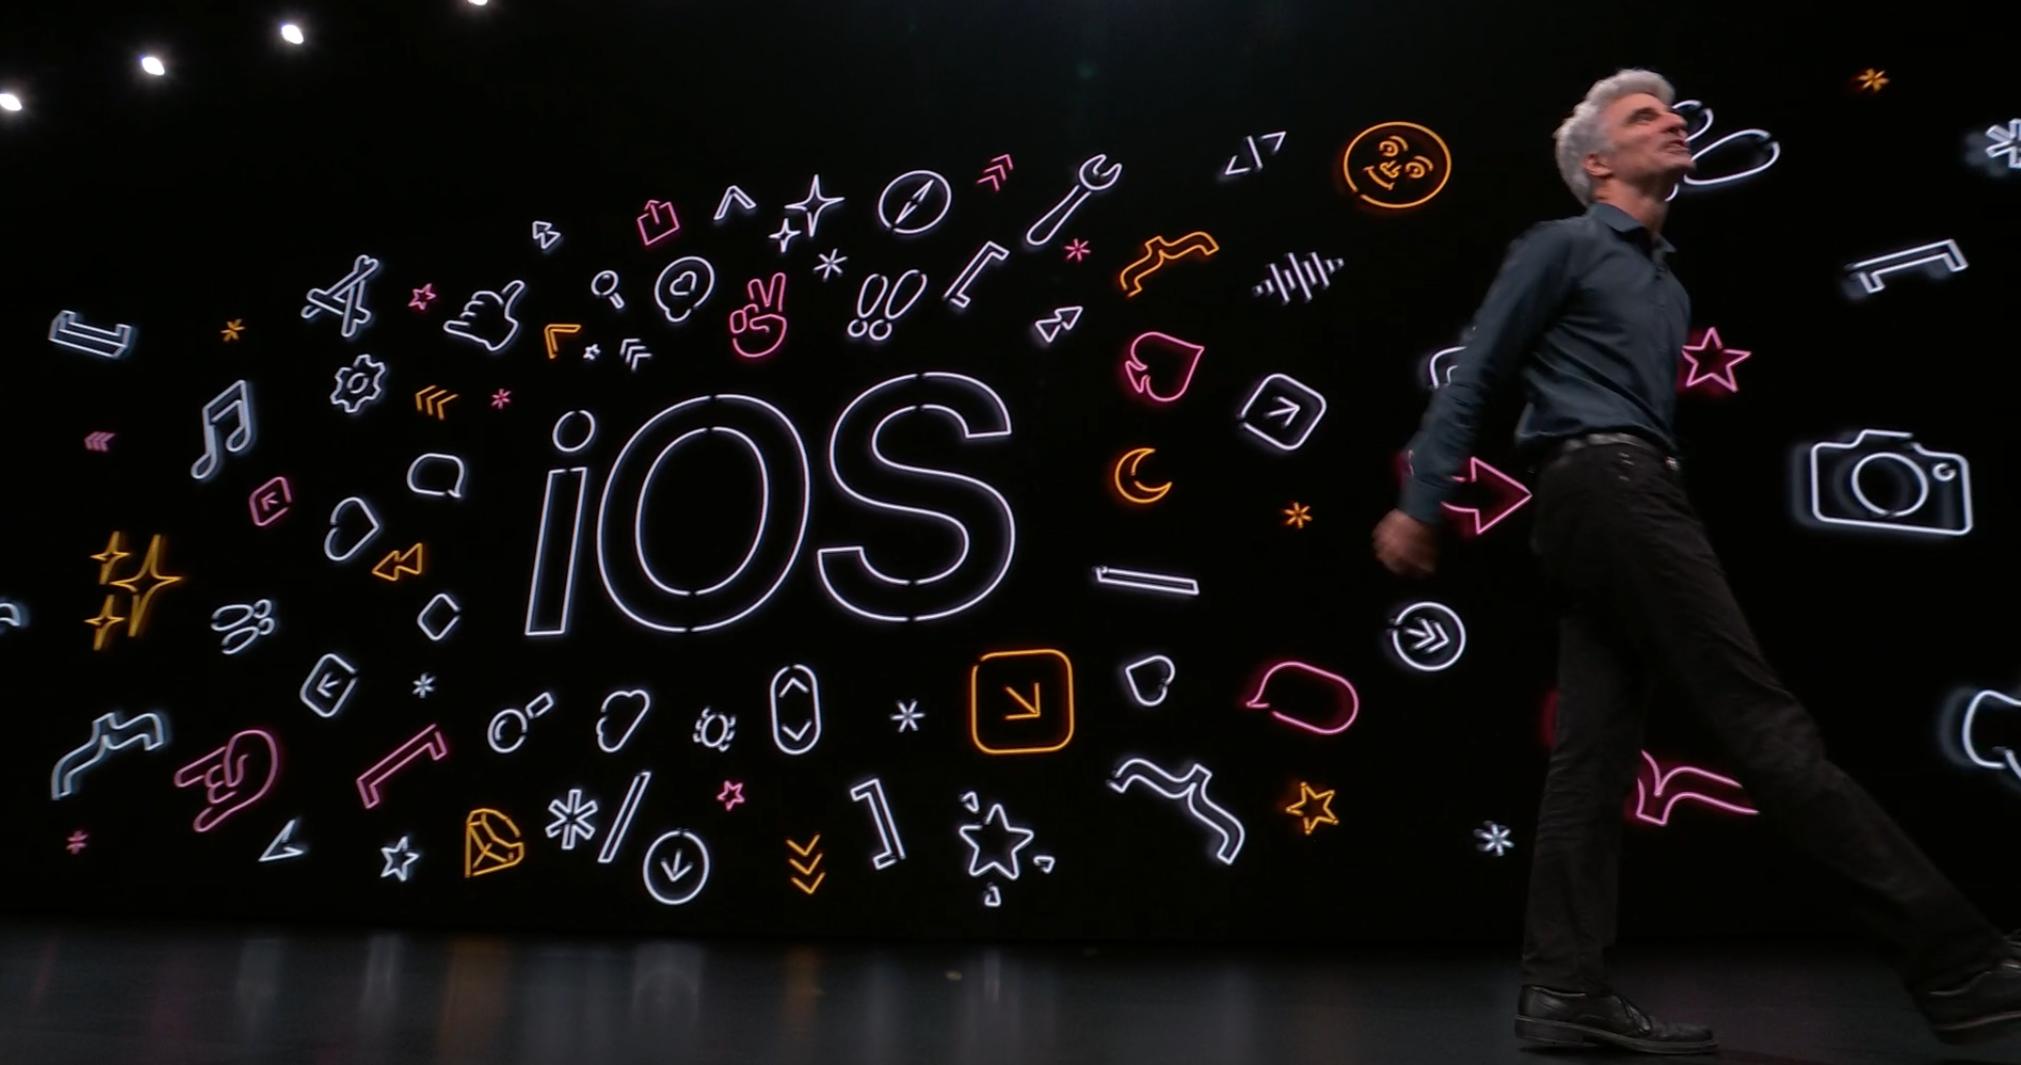 wwdc apple 2019